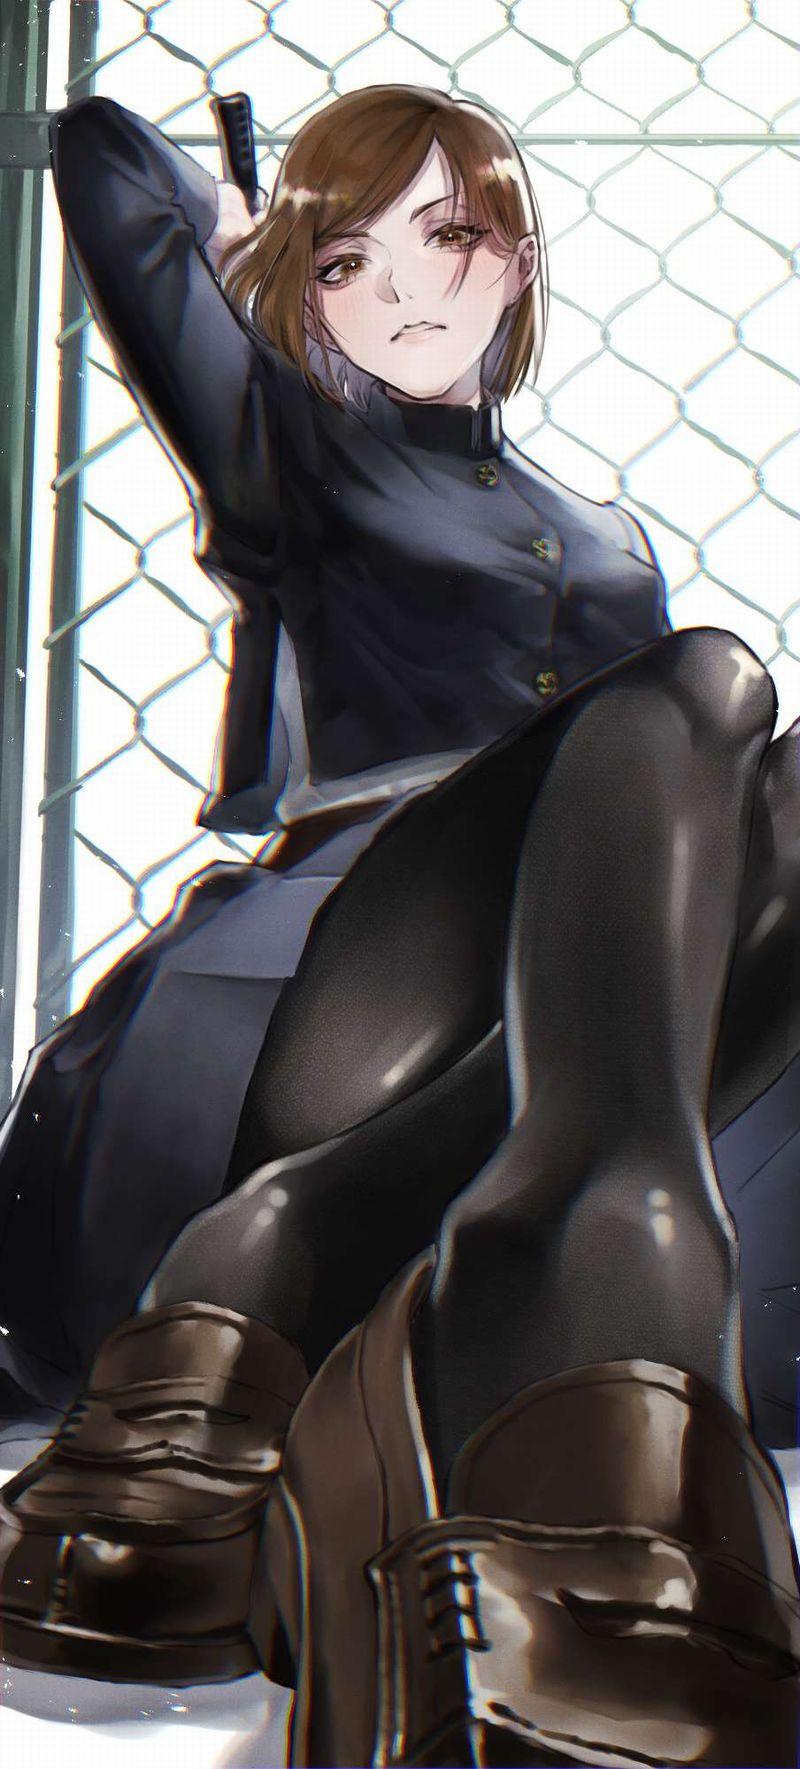 【呪術廻戦】釘崎野薔薇(くぎさきのばら)のエロ画像【32】